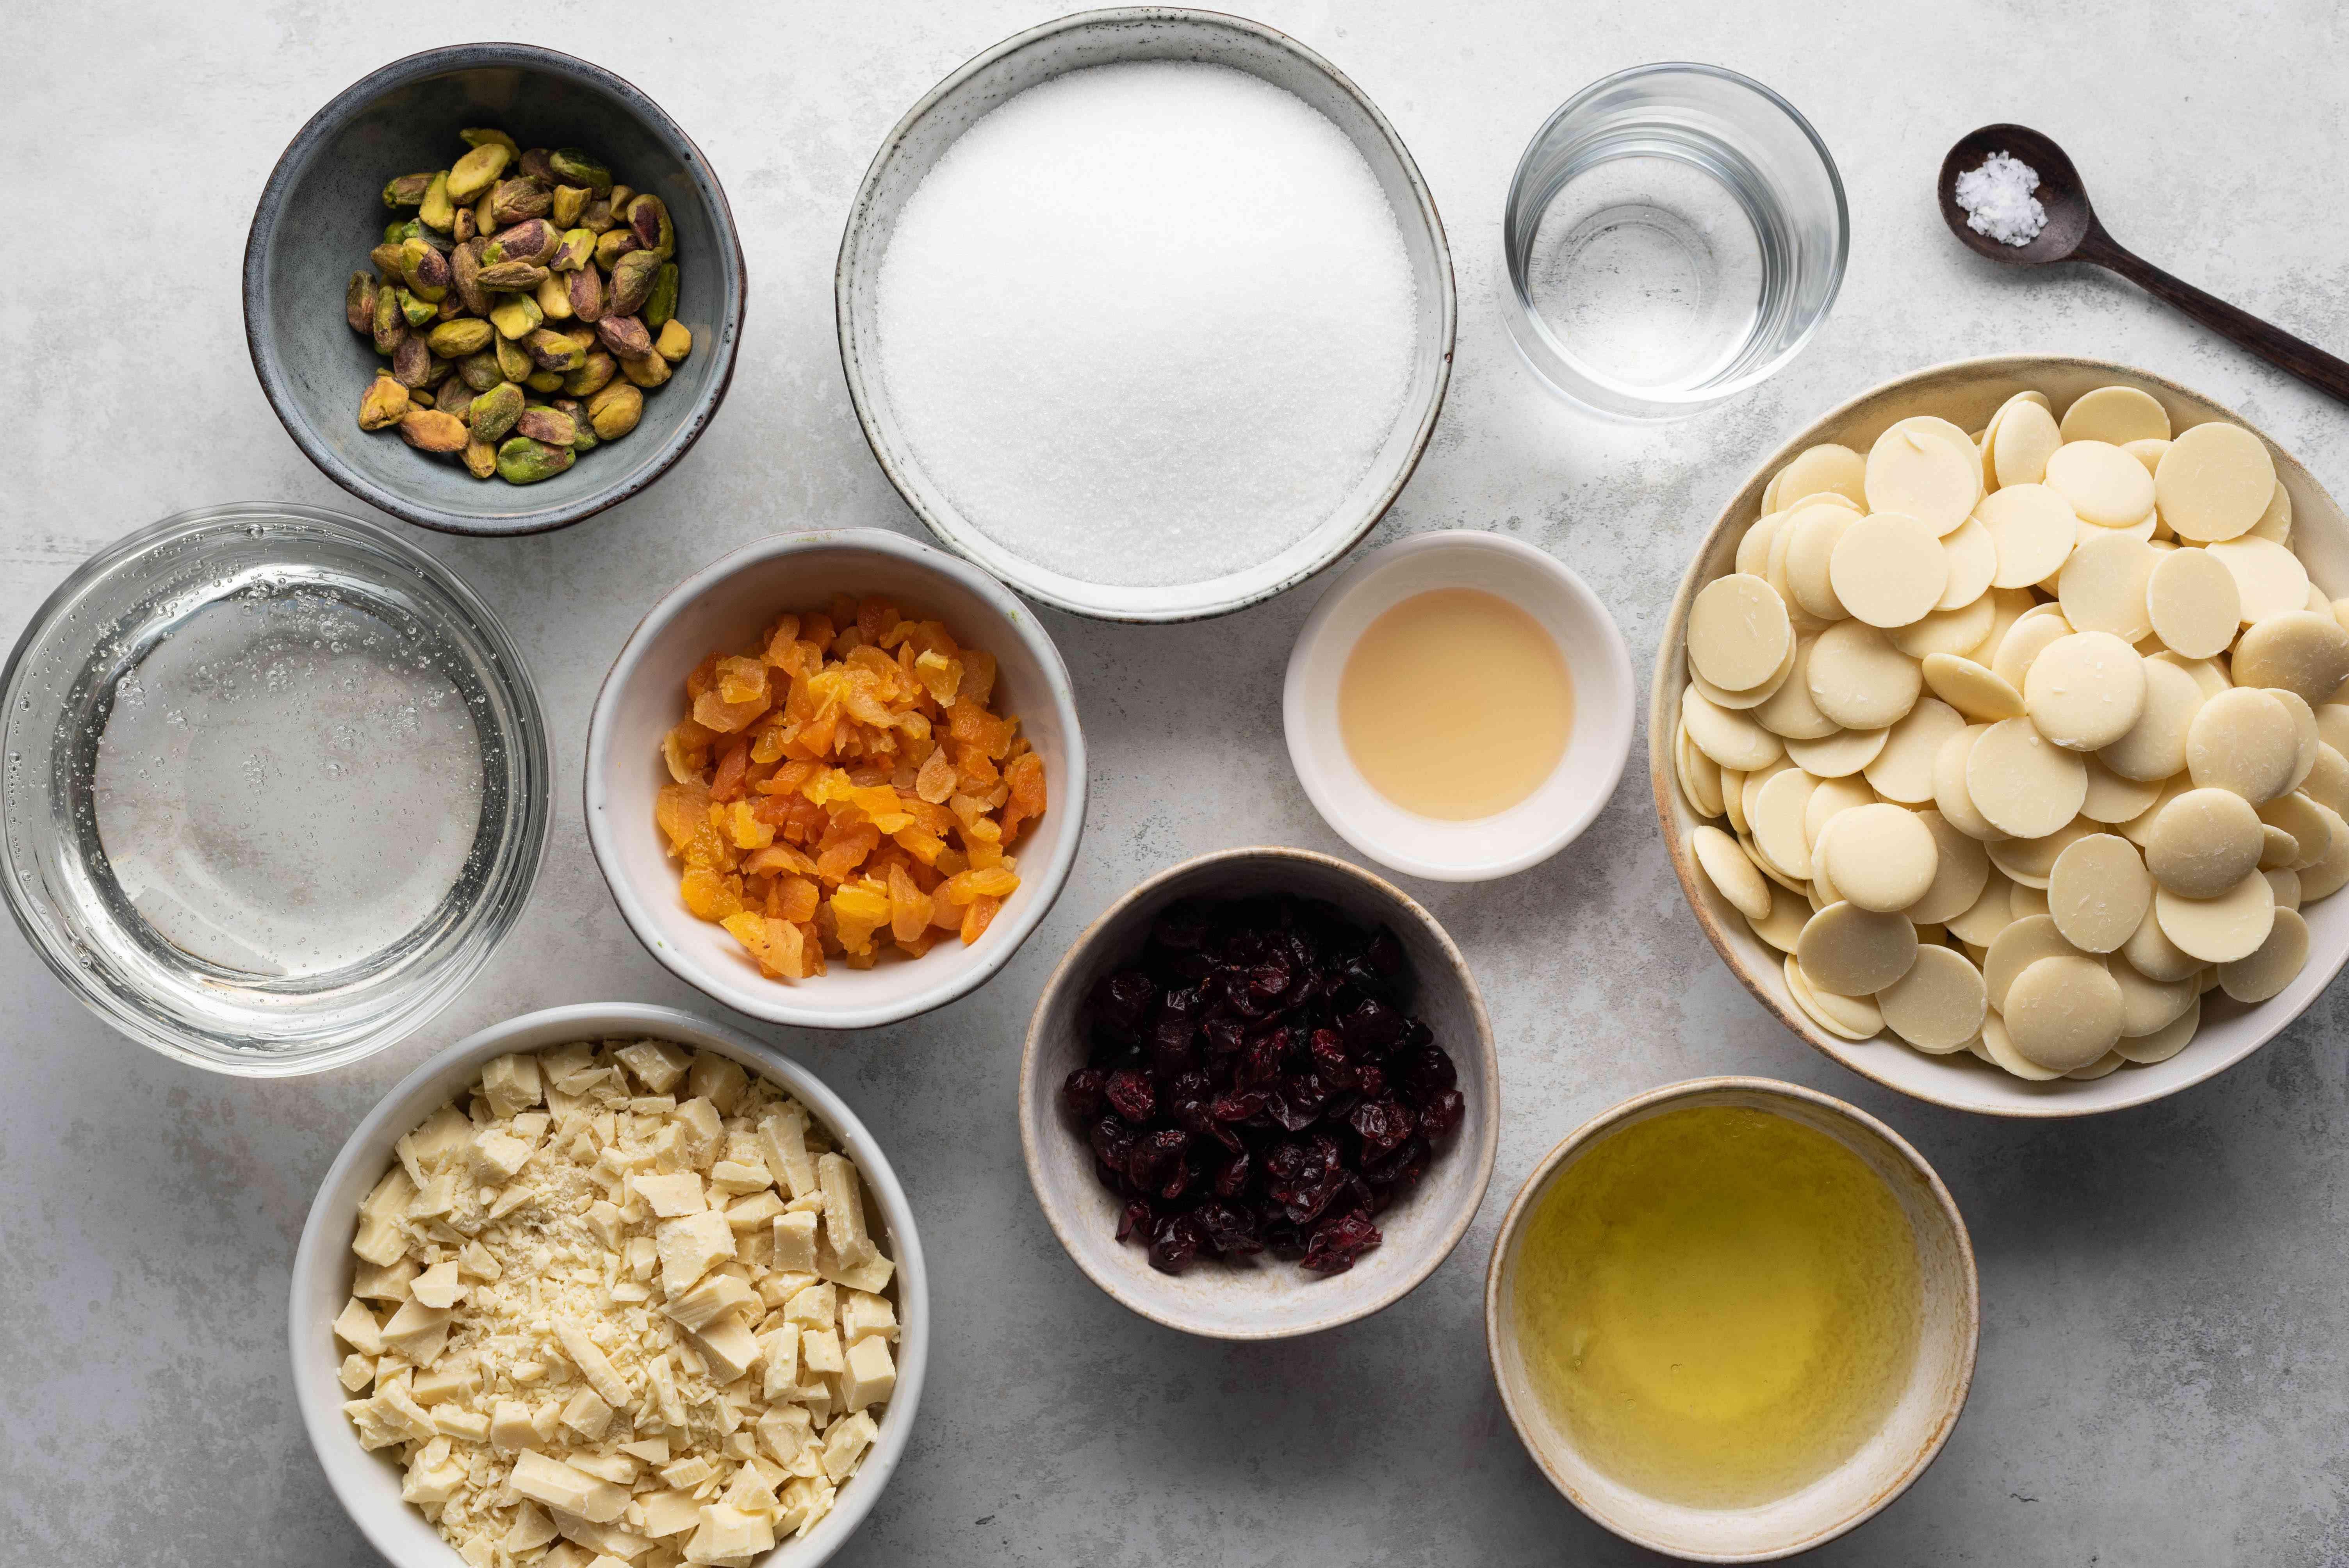 White Chocolate Nougat ingredients